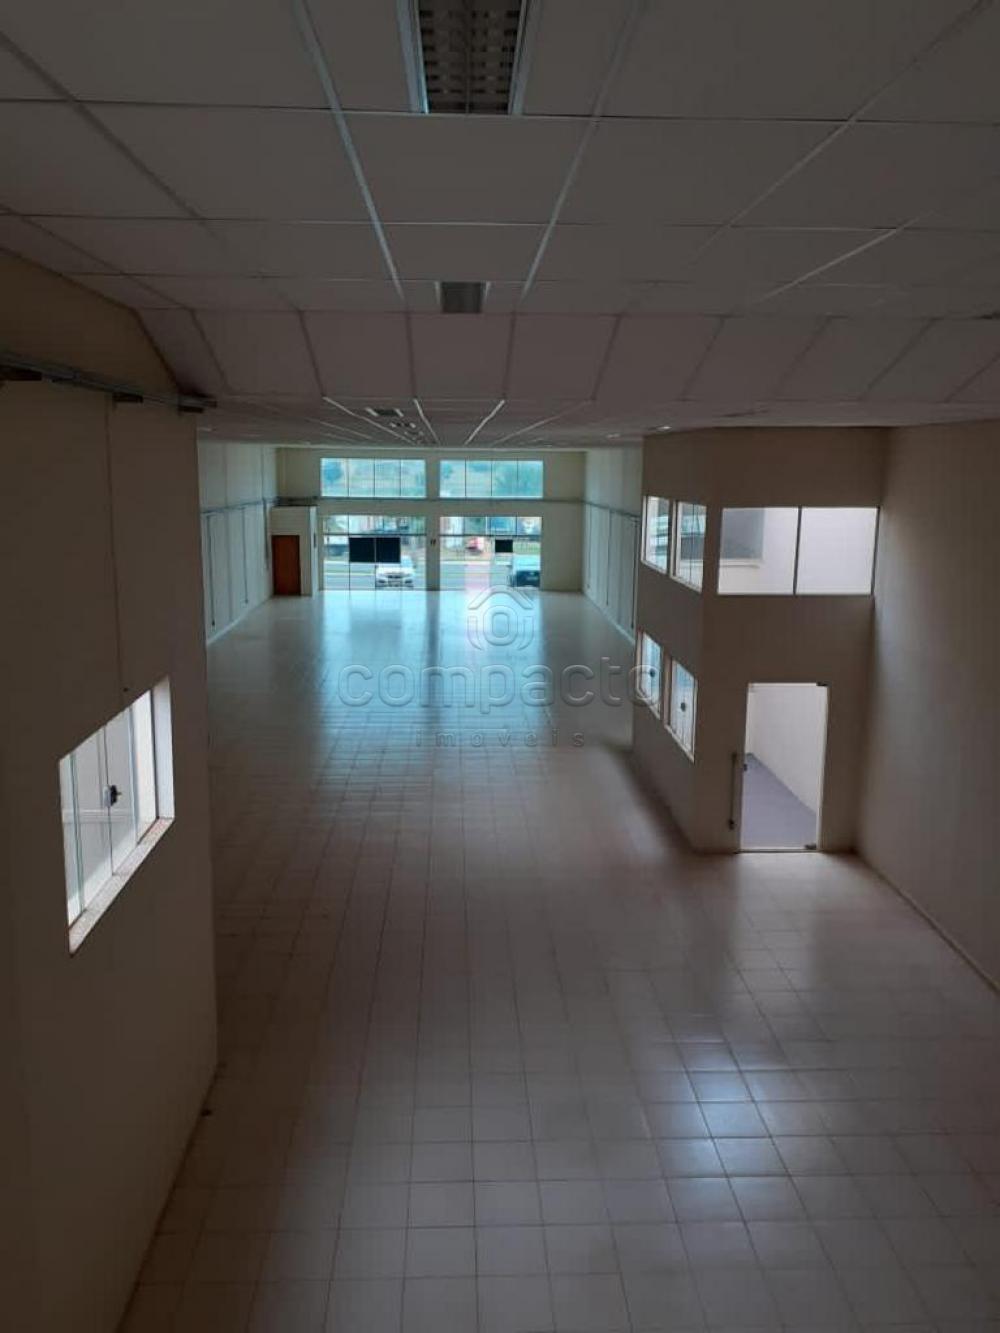 Alugar Comercial / Salão em Bady Bassitt apenas R$ 5.000,00 - Foto 1